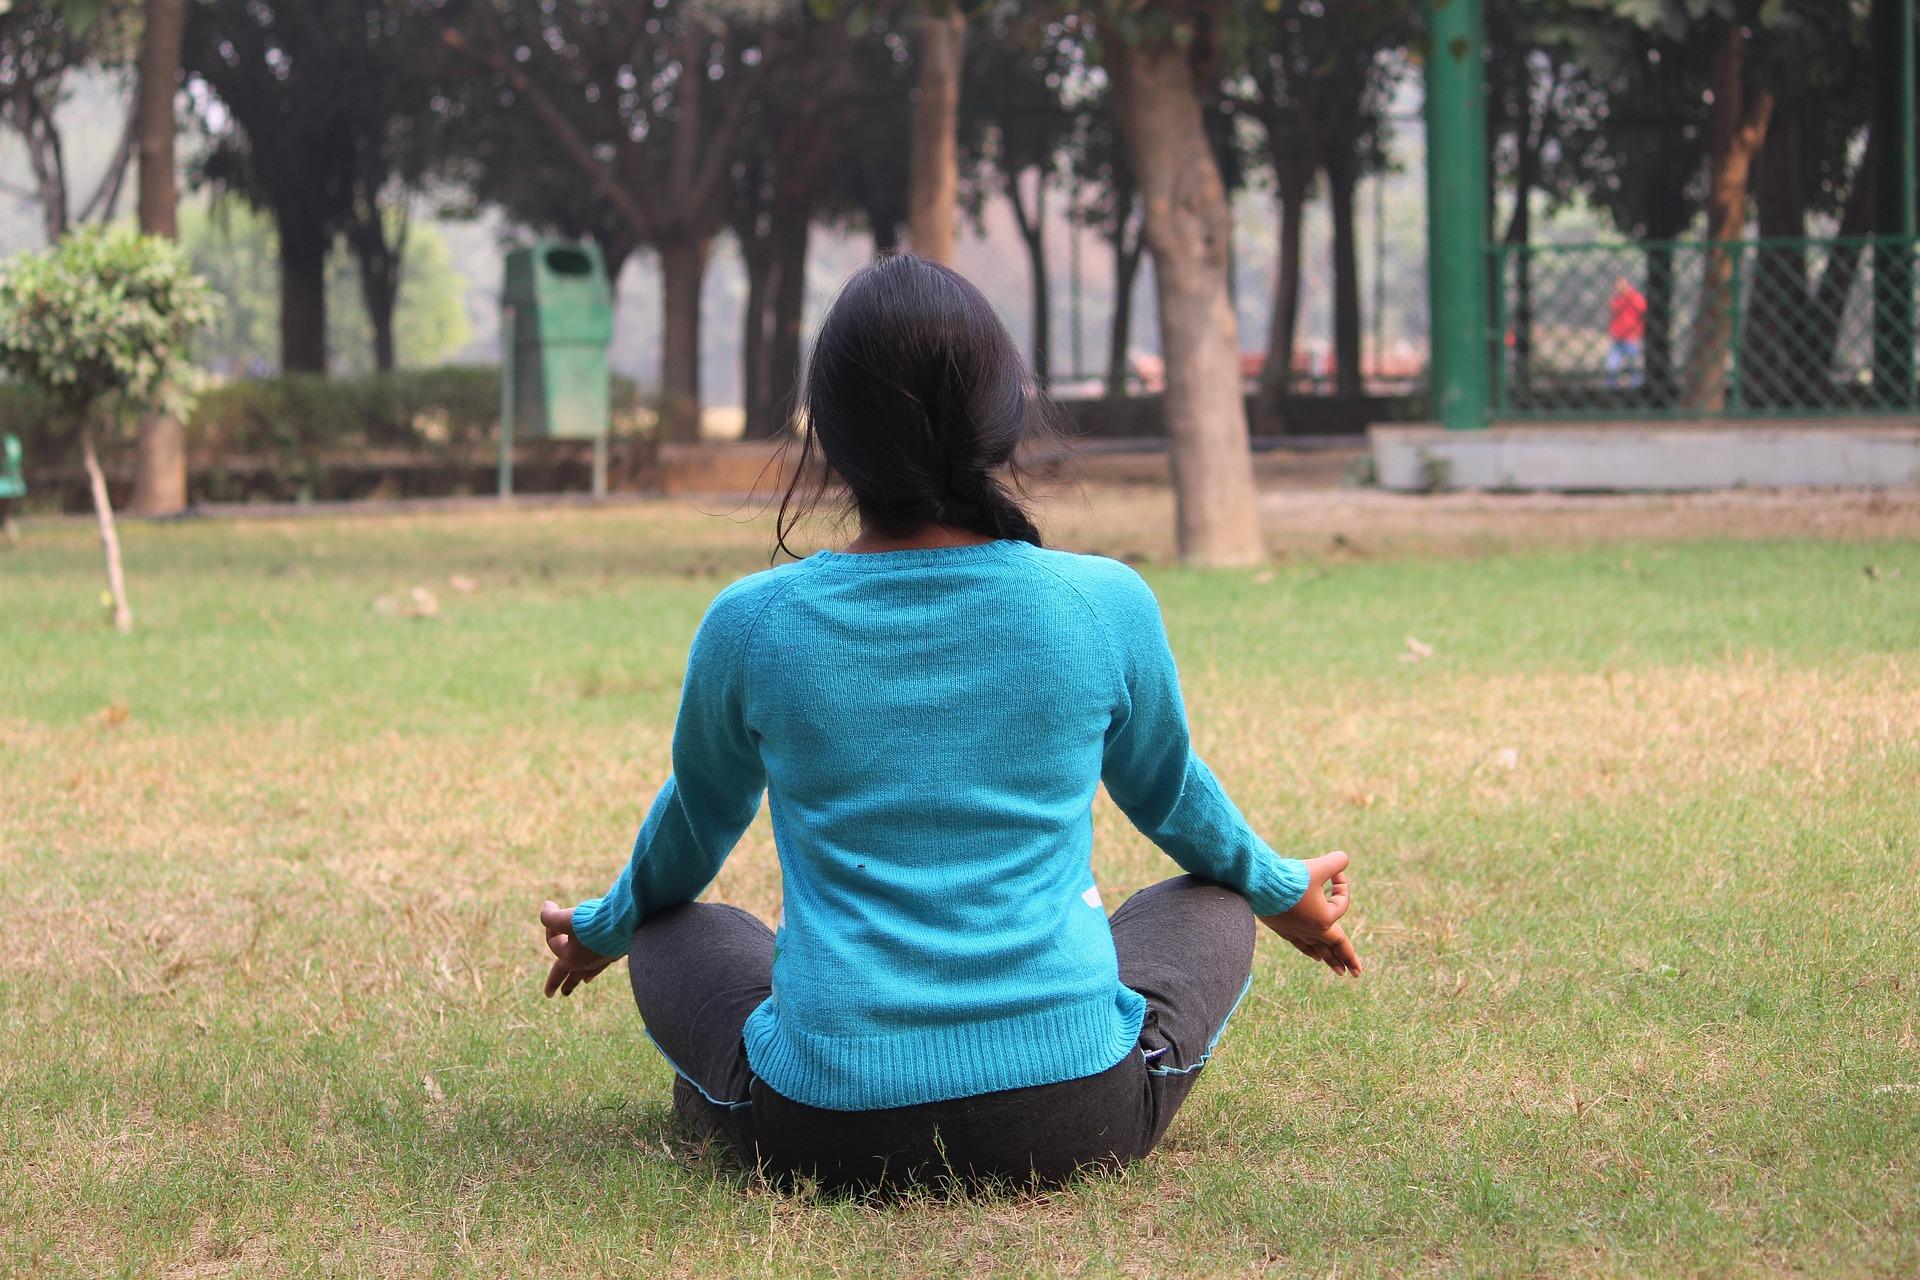 Kako zadržati smirenost u kritičnim situacijama?